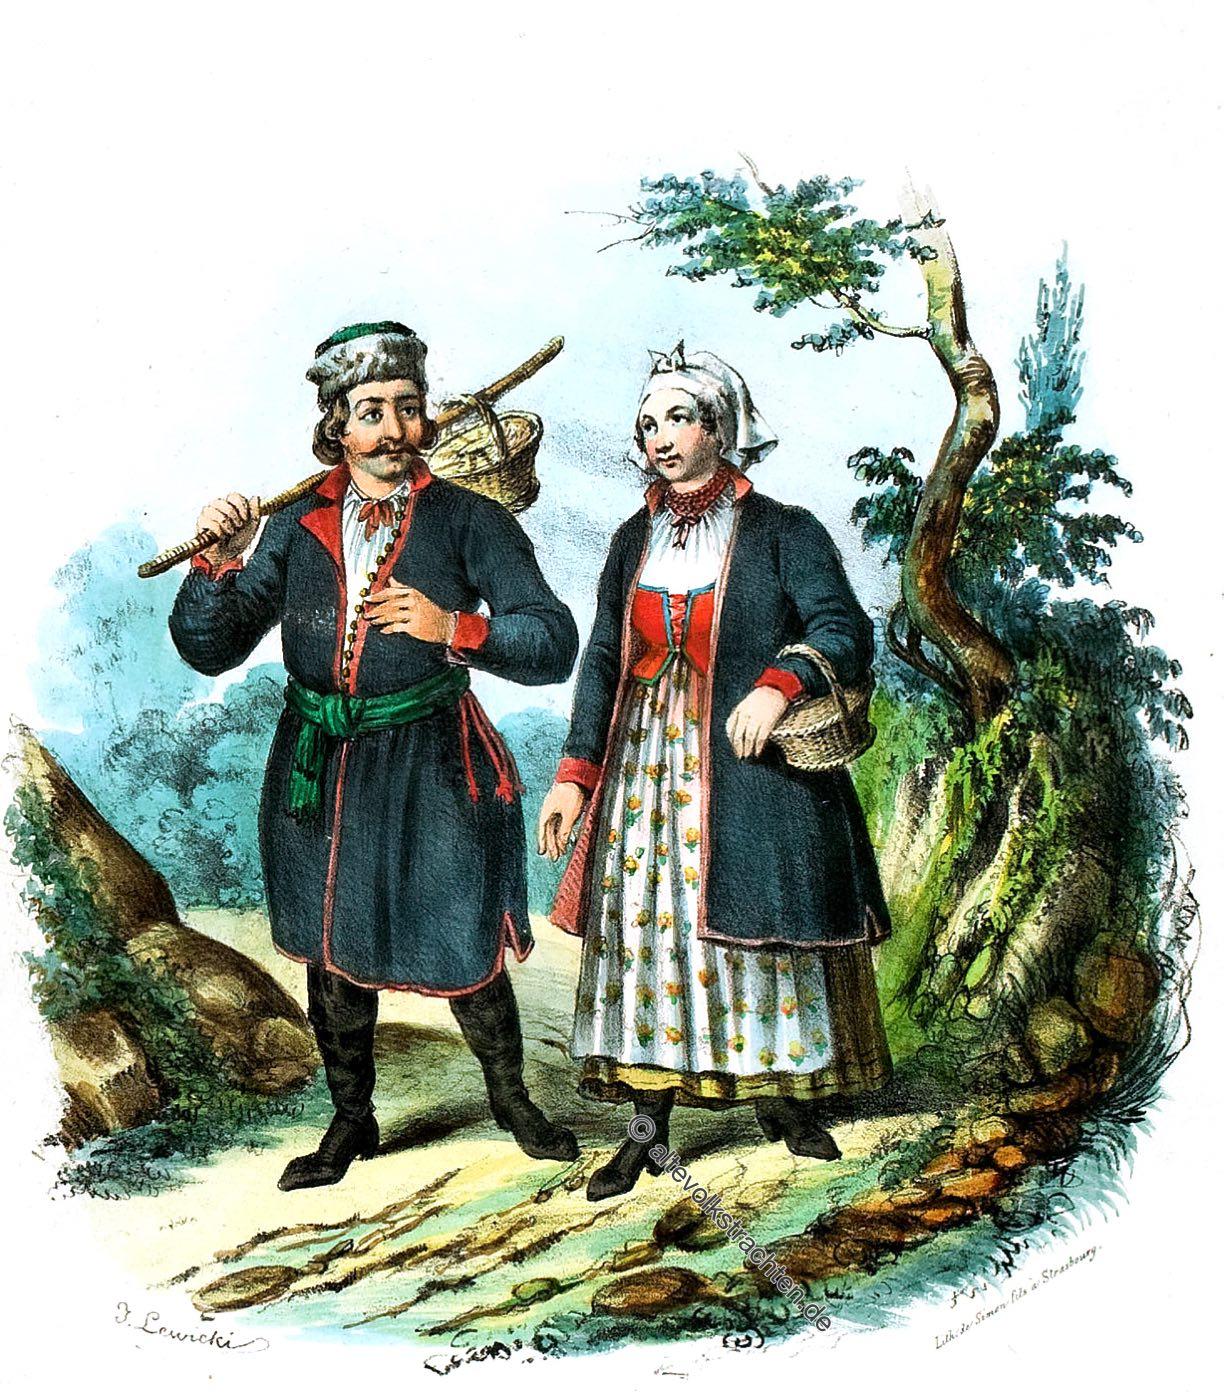 Podgórze, Podgórza, polen, Trachten, Bauerntrachten, Kostüme, Landleute